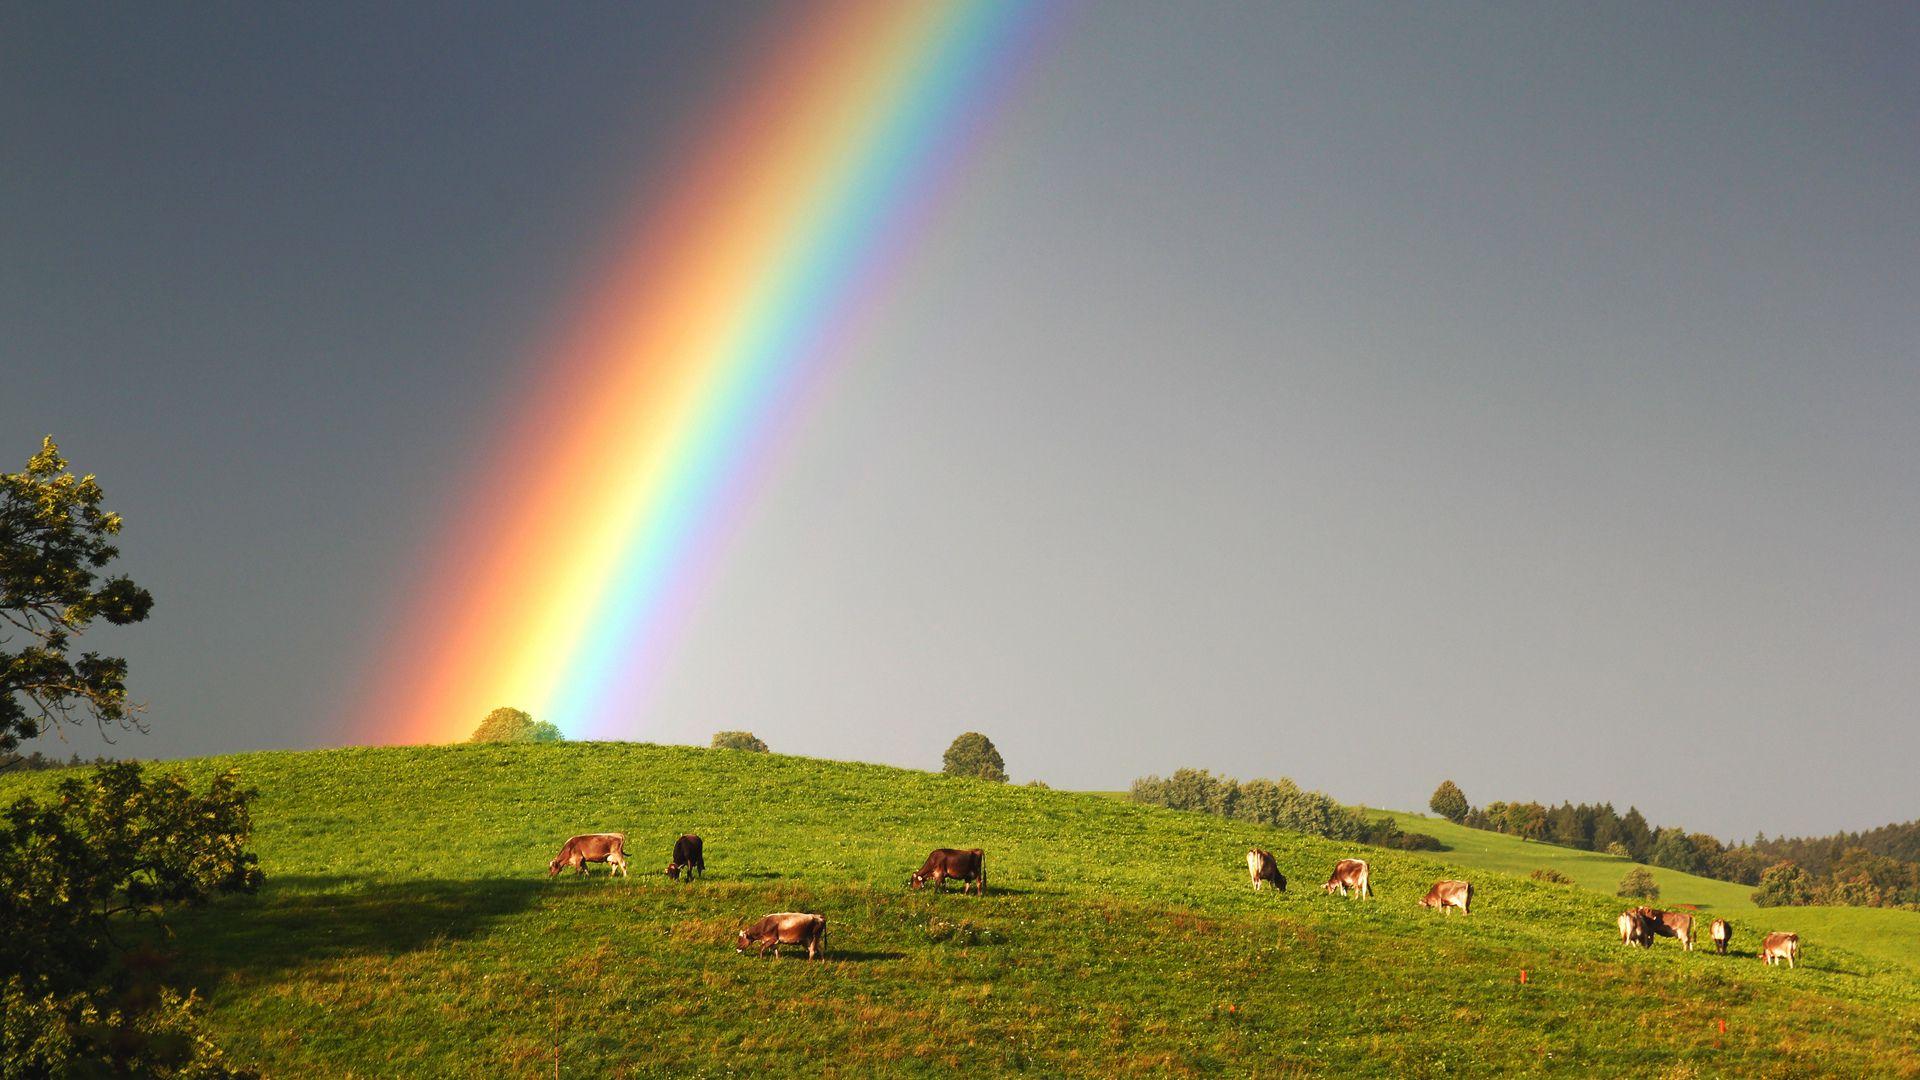 красивые фото радуги на рабочий абрикосовое варенье или